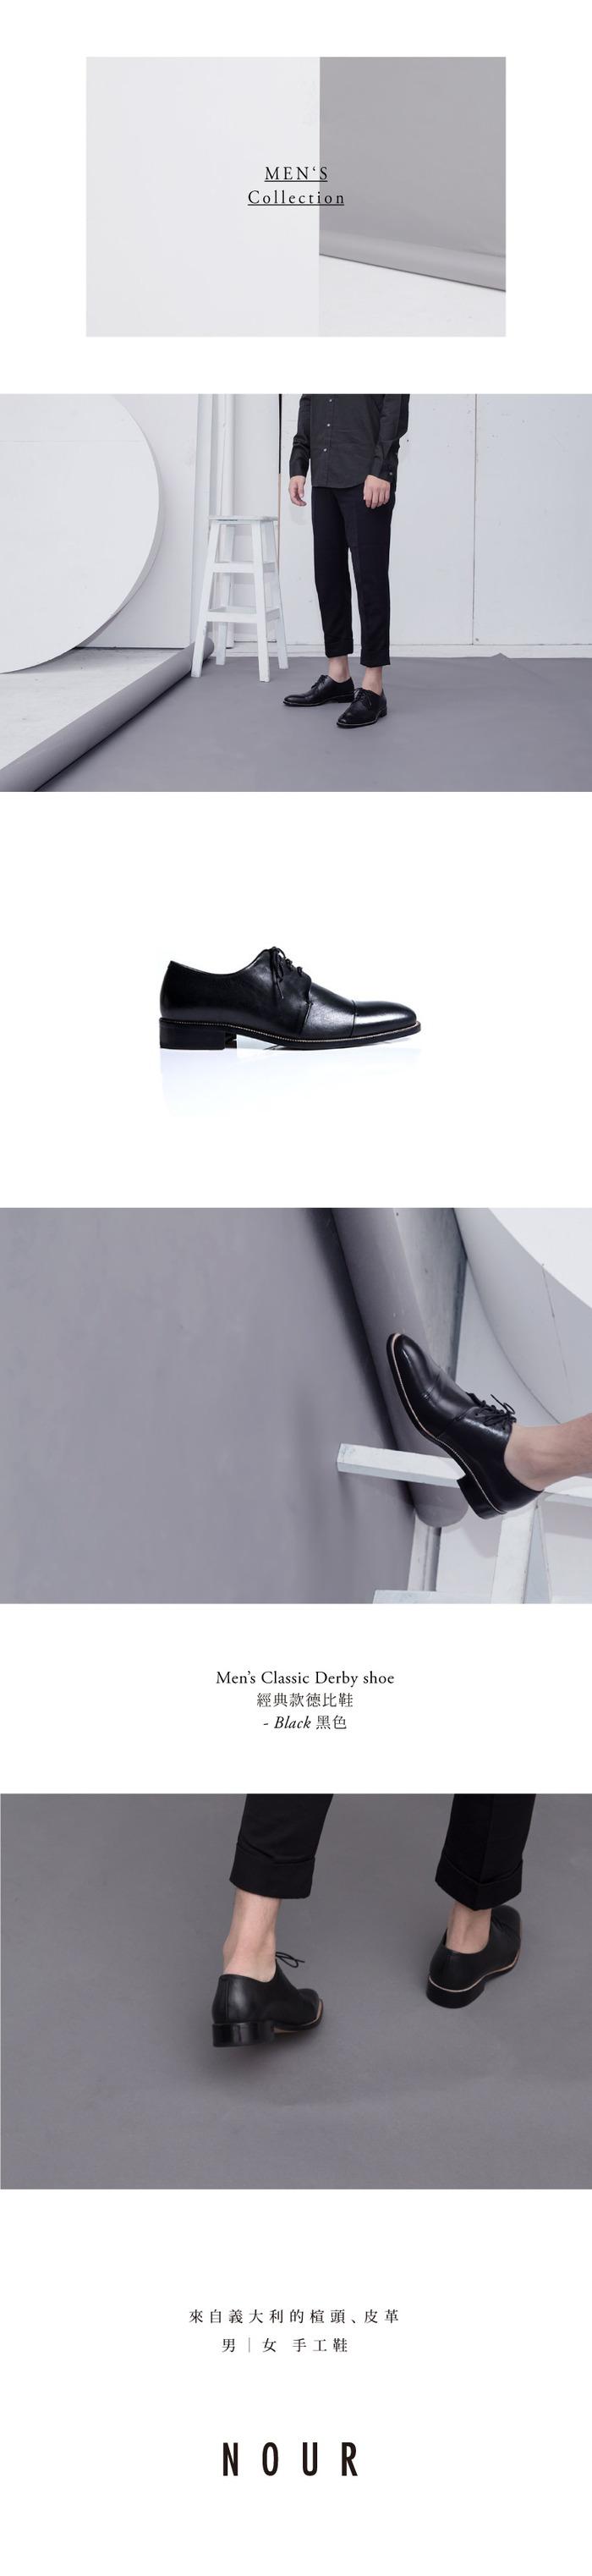 (複製)NOUR|classic MAN 男士經典款 oxford 全素面牛津鞋-Black 黑色